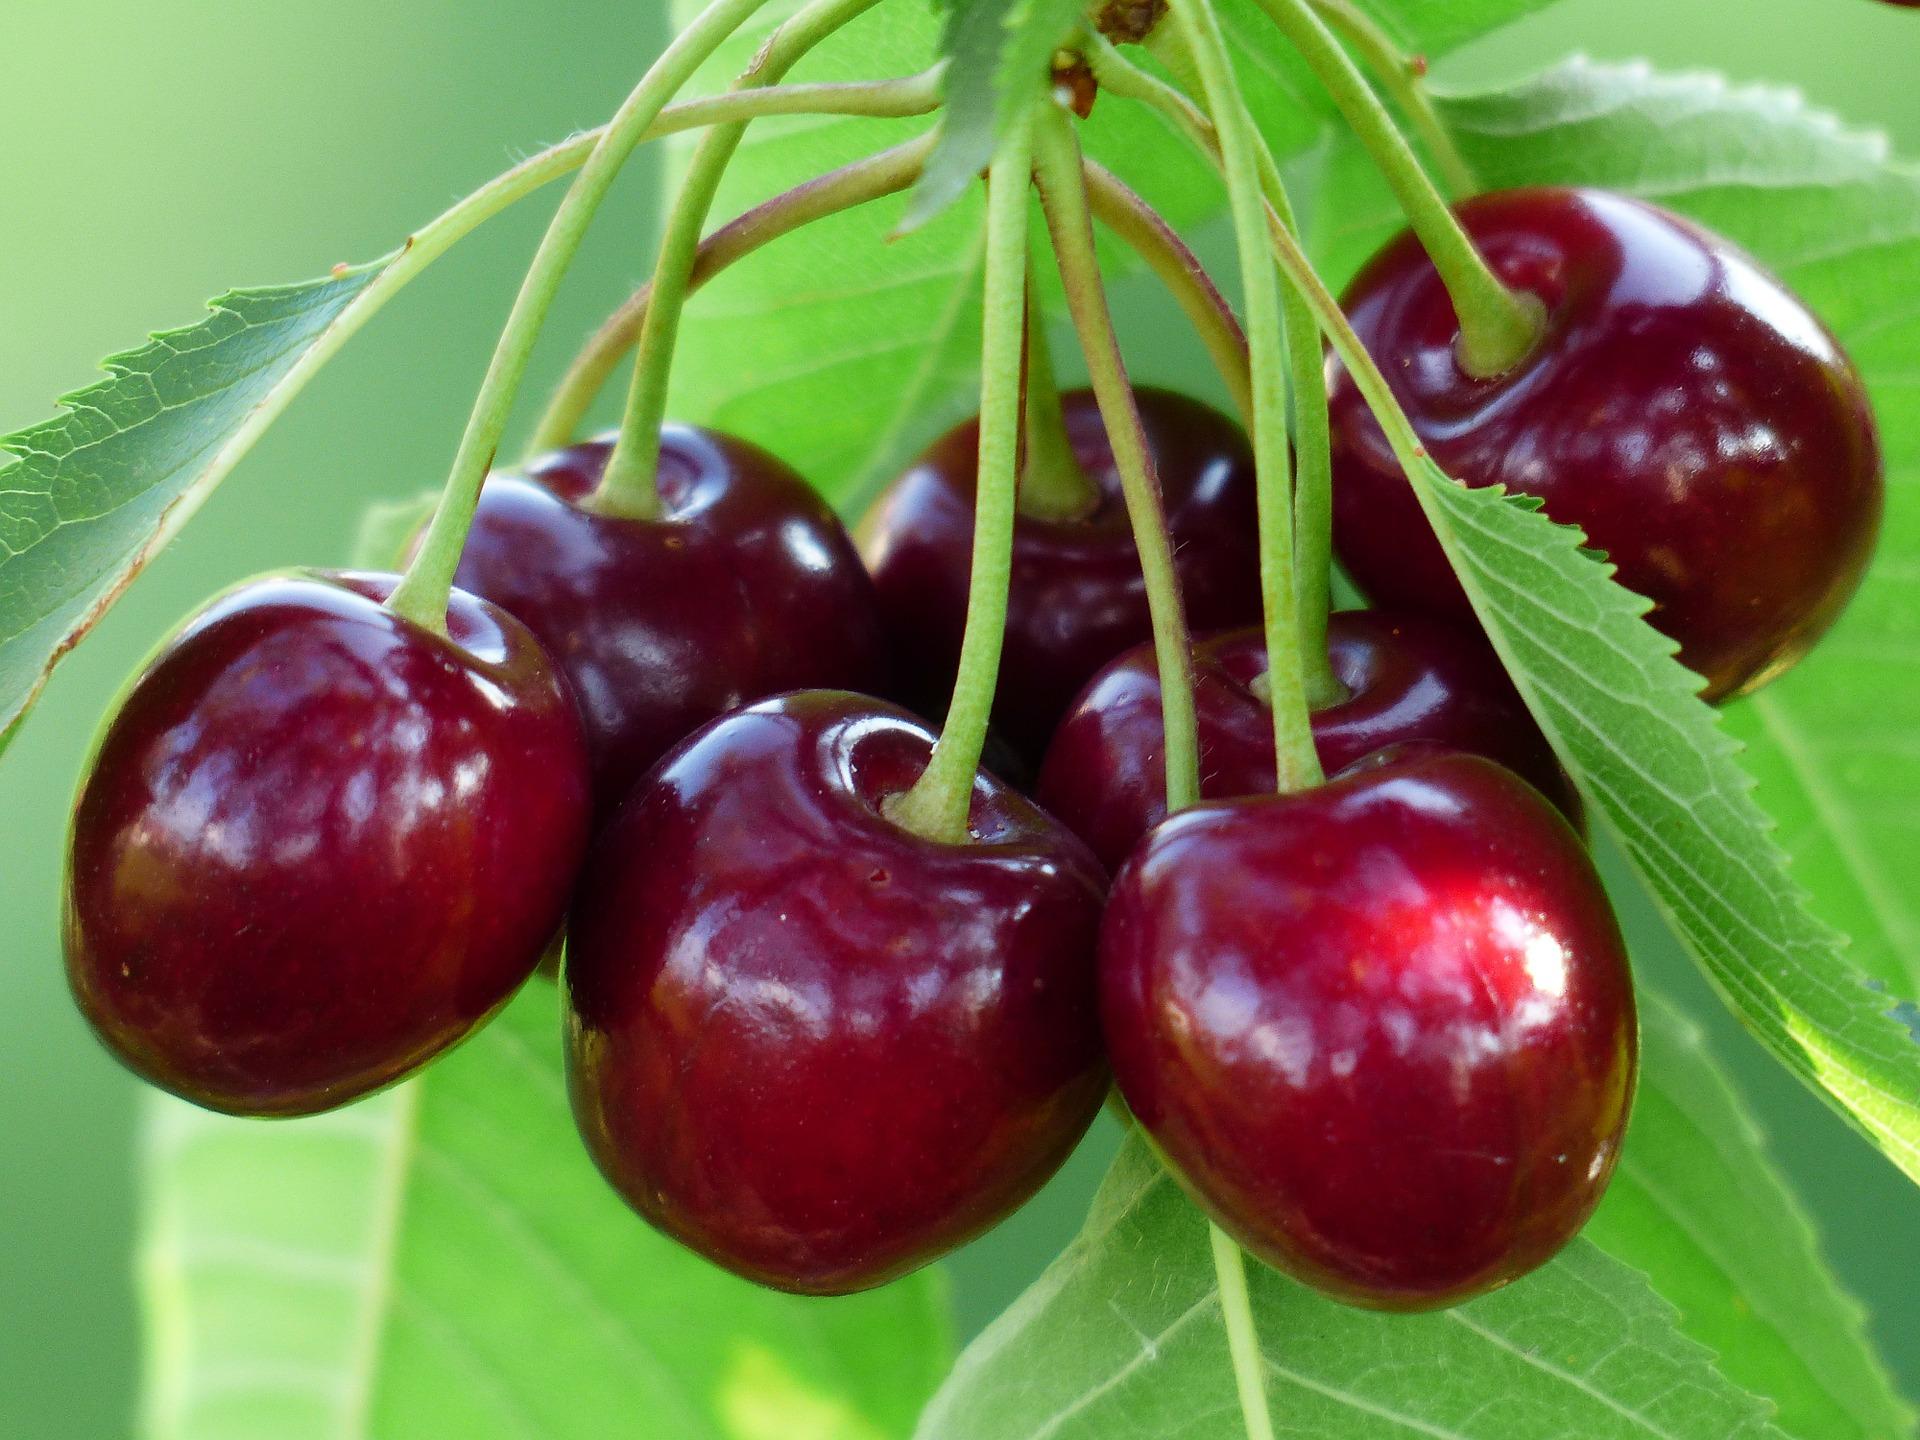 Картинка вишни в хорошем качестве